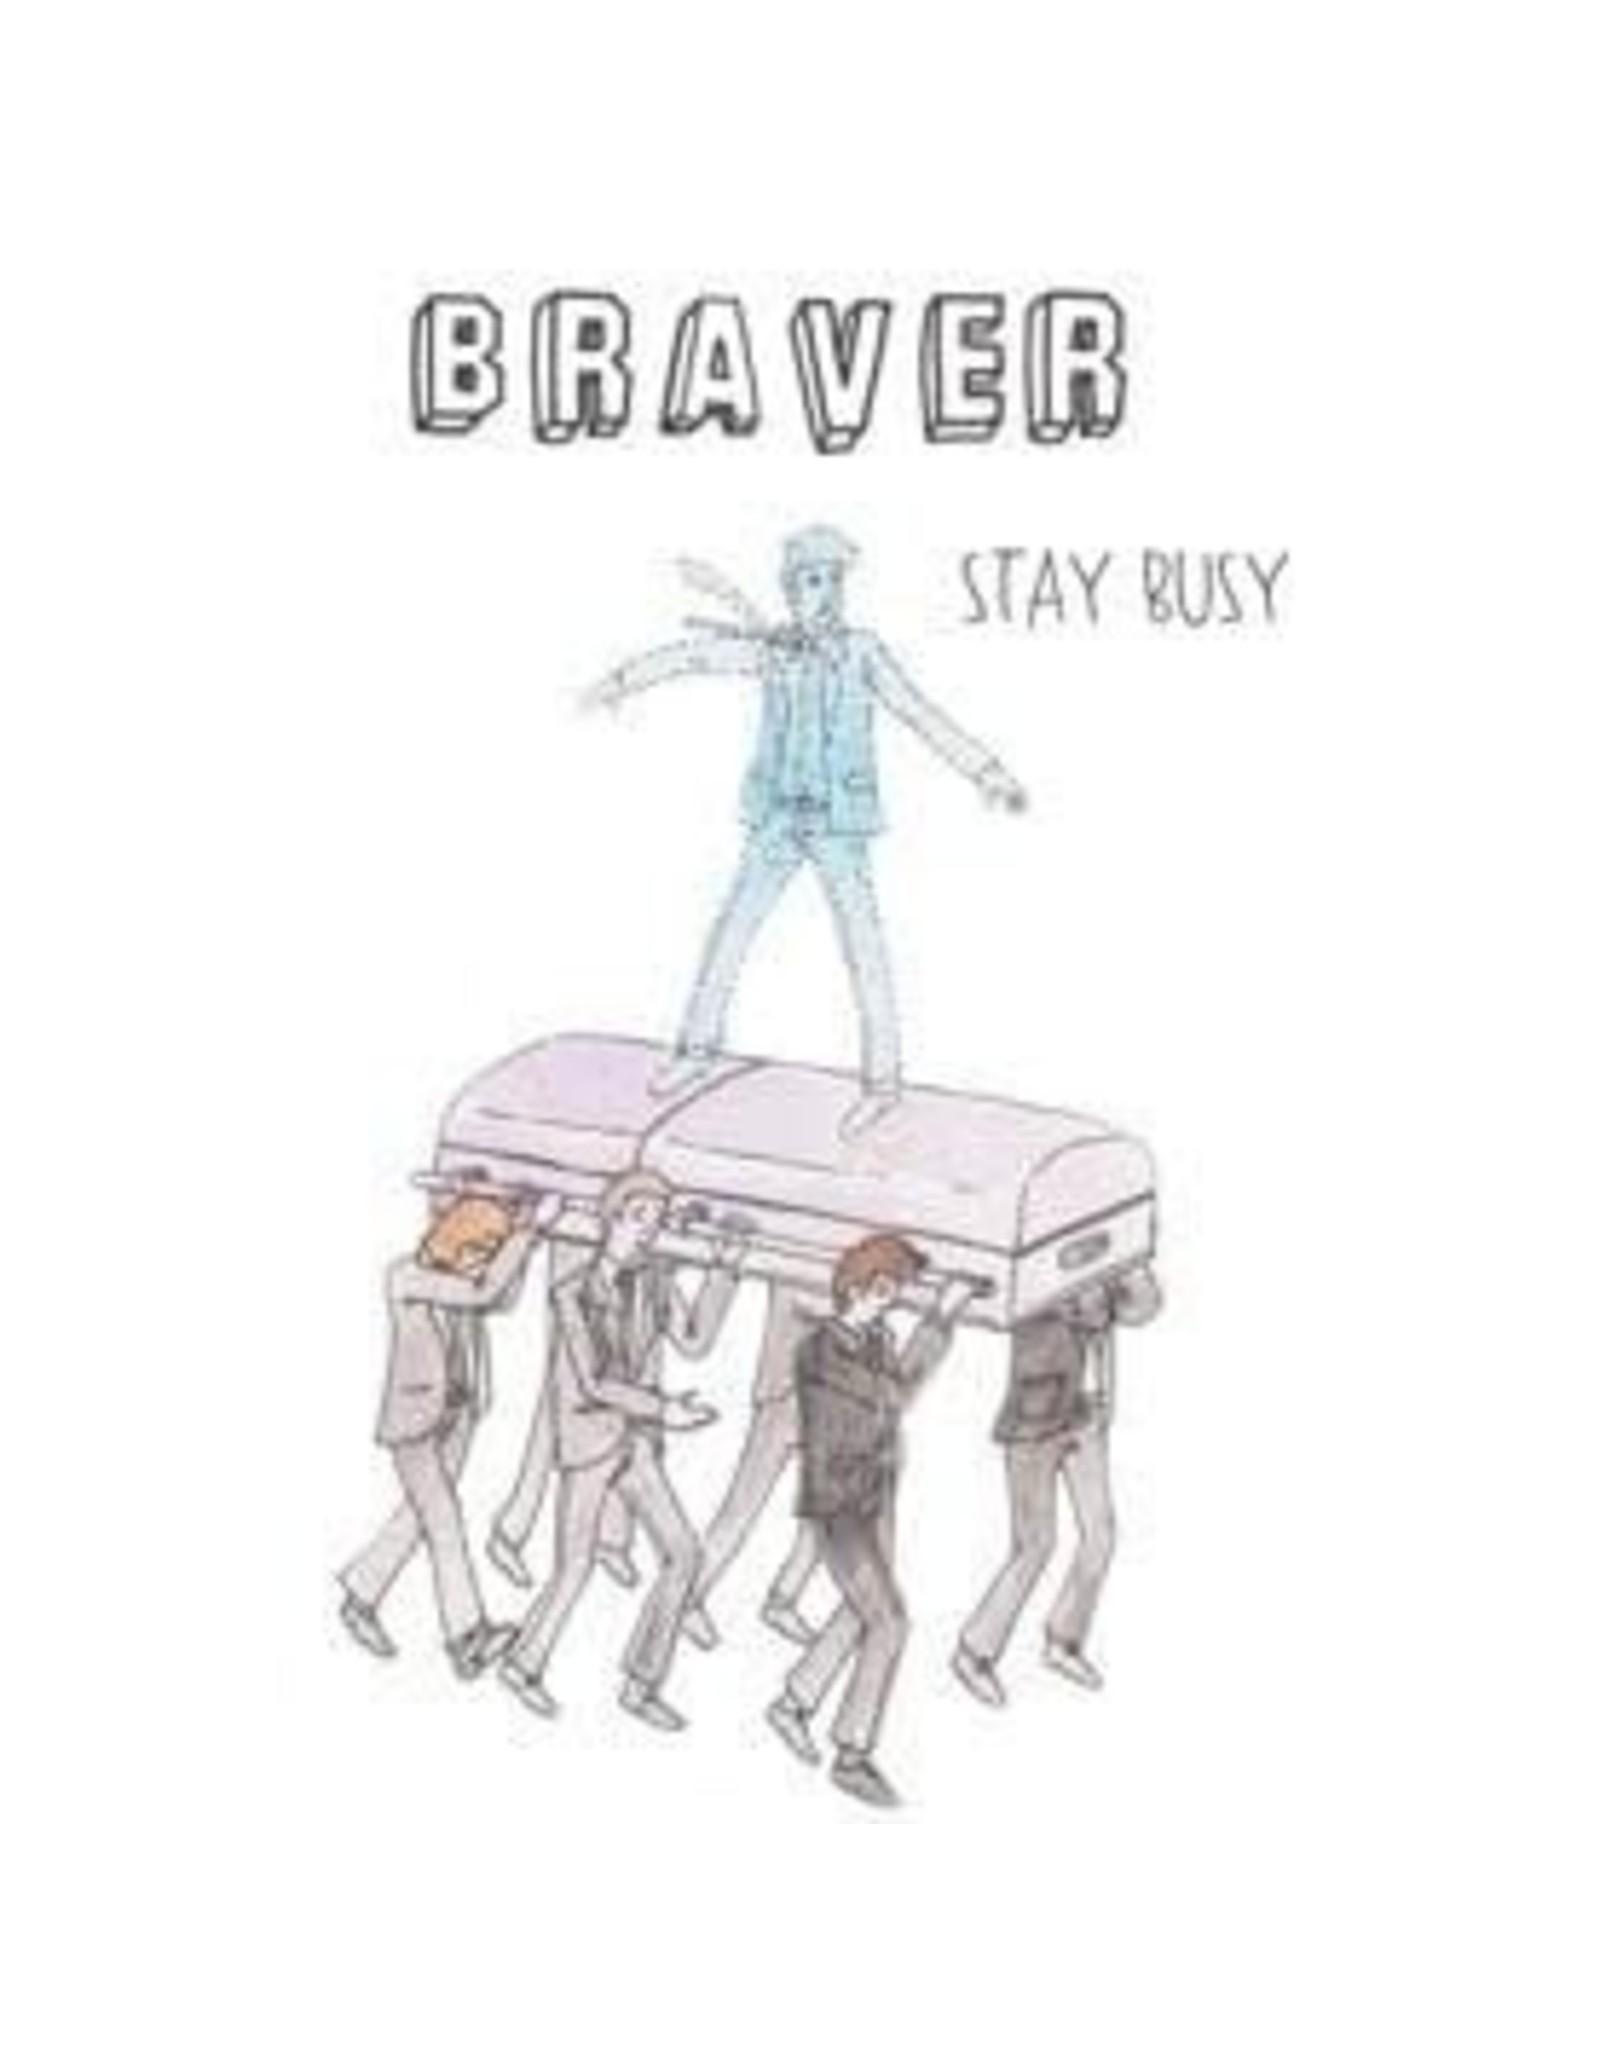 Braver - Stay Busy LP